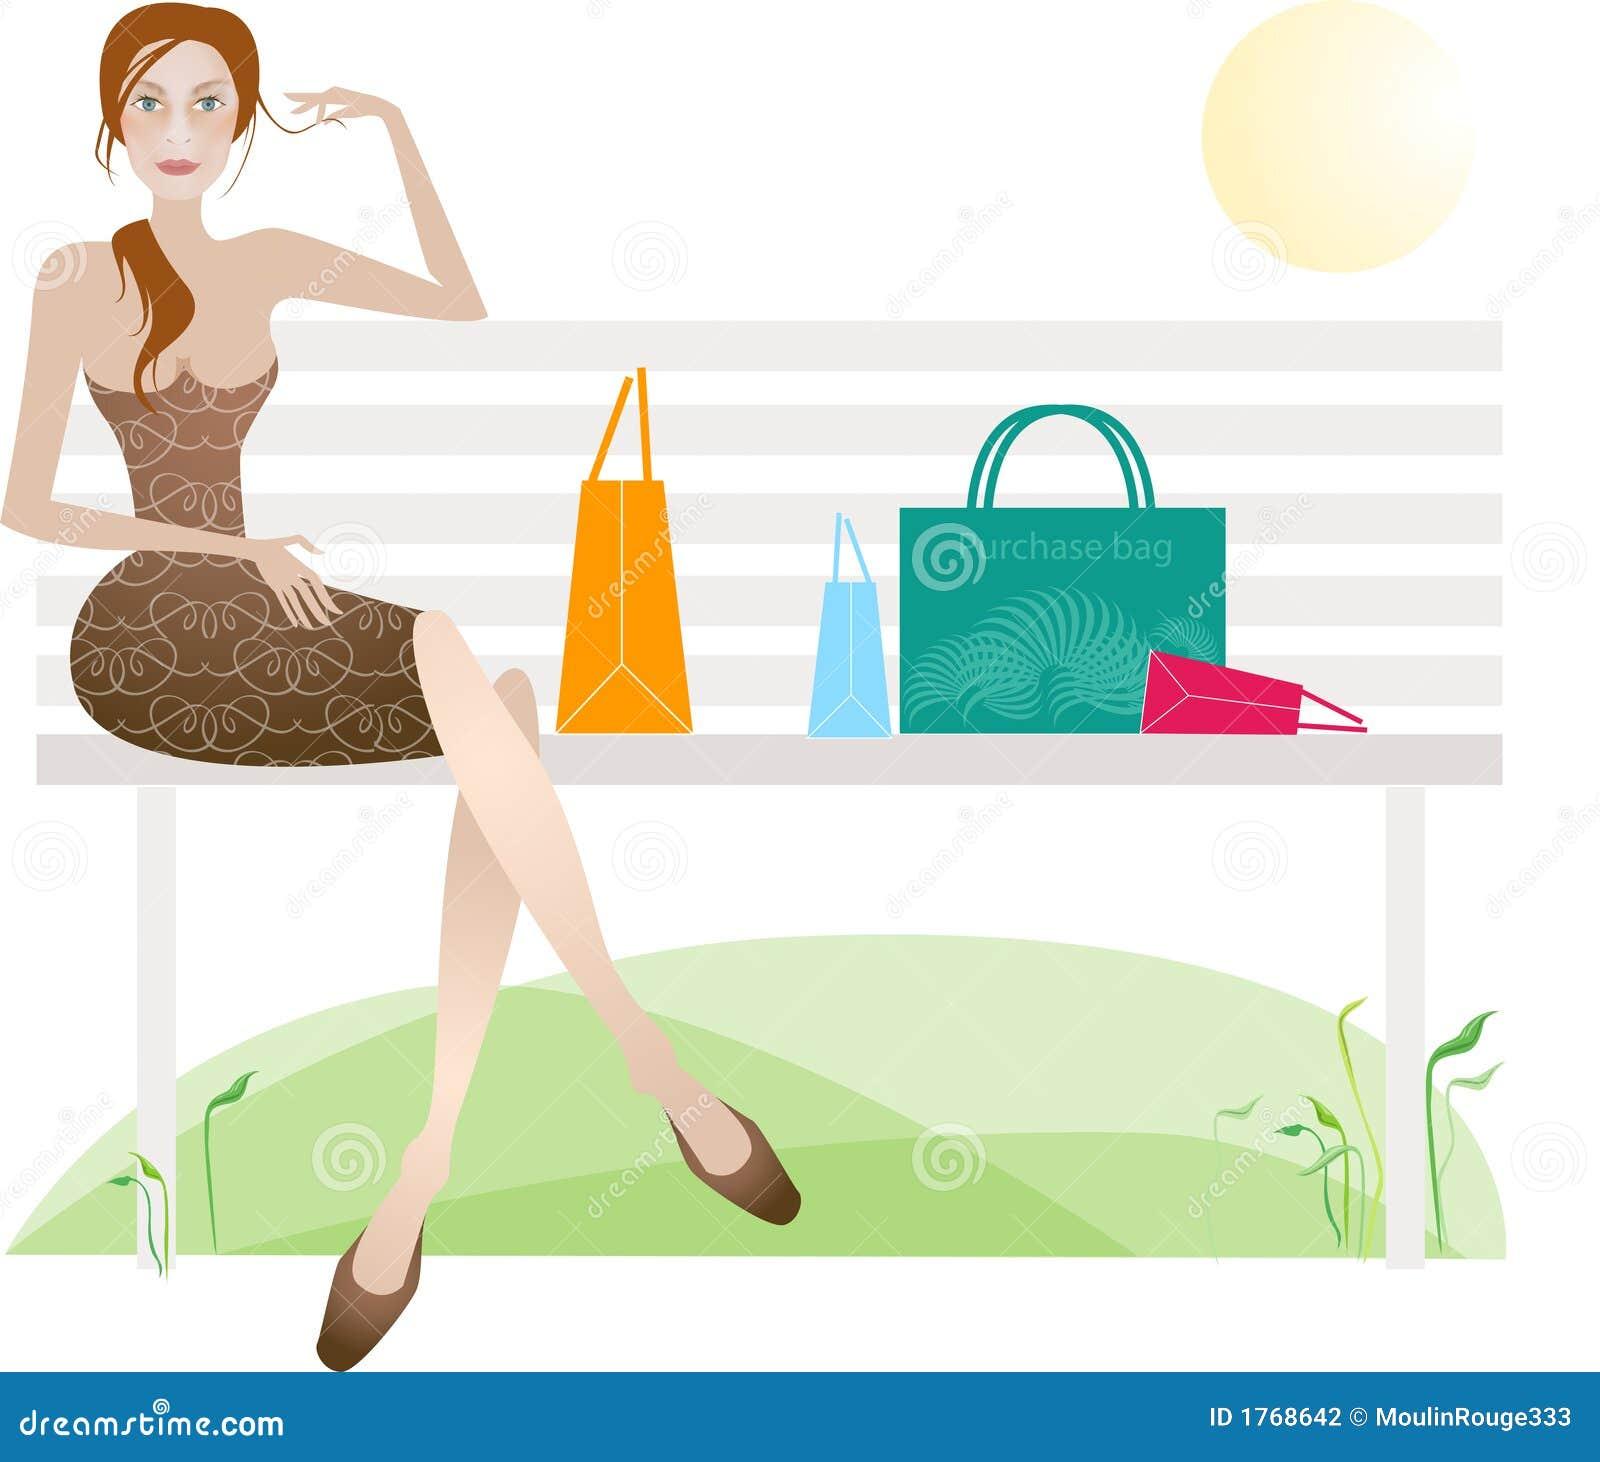 Erfolgreicher Einkaufentag